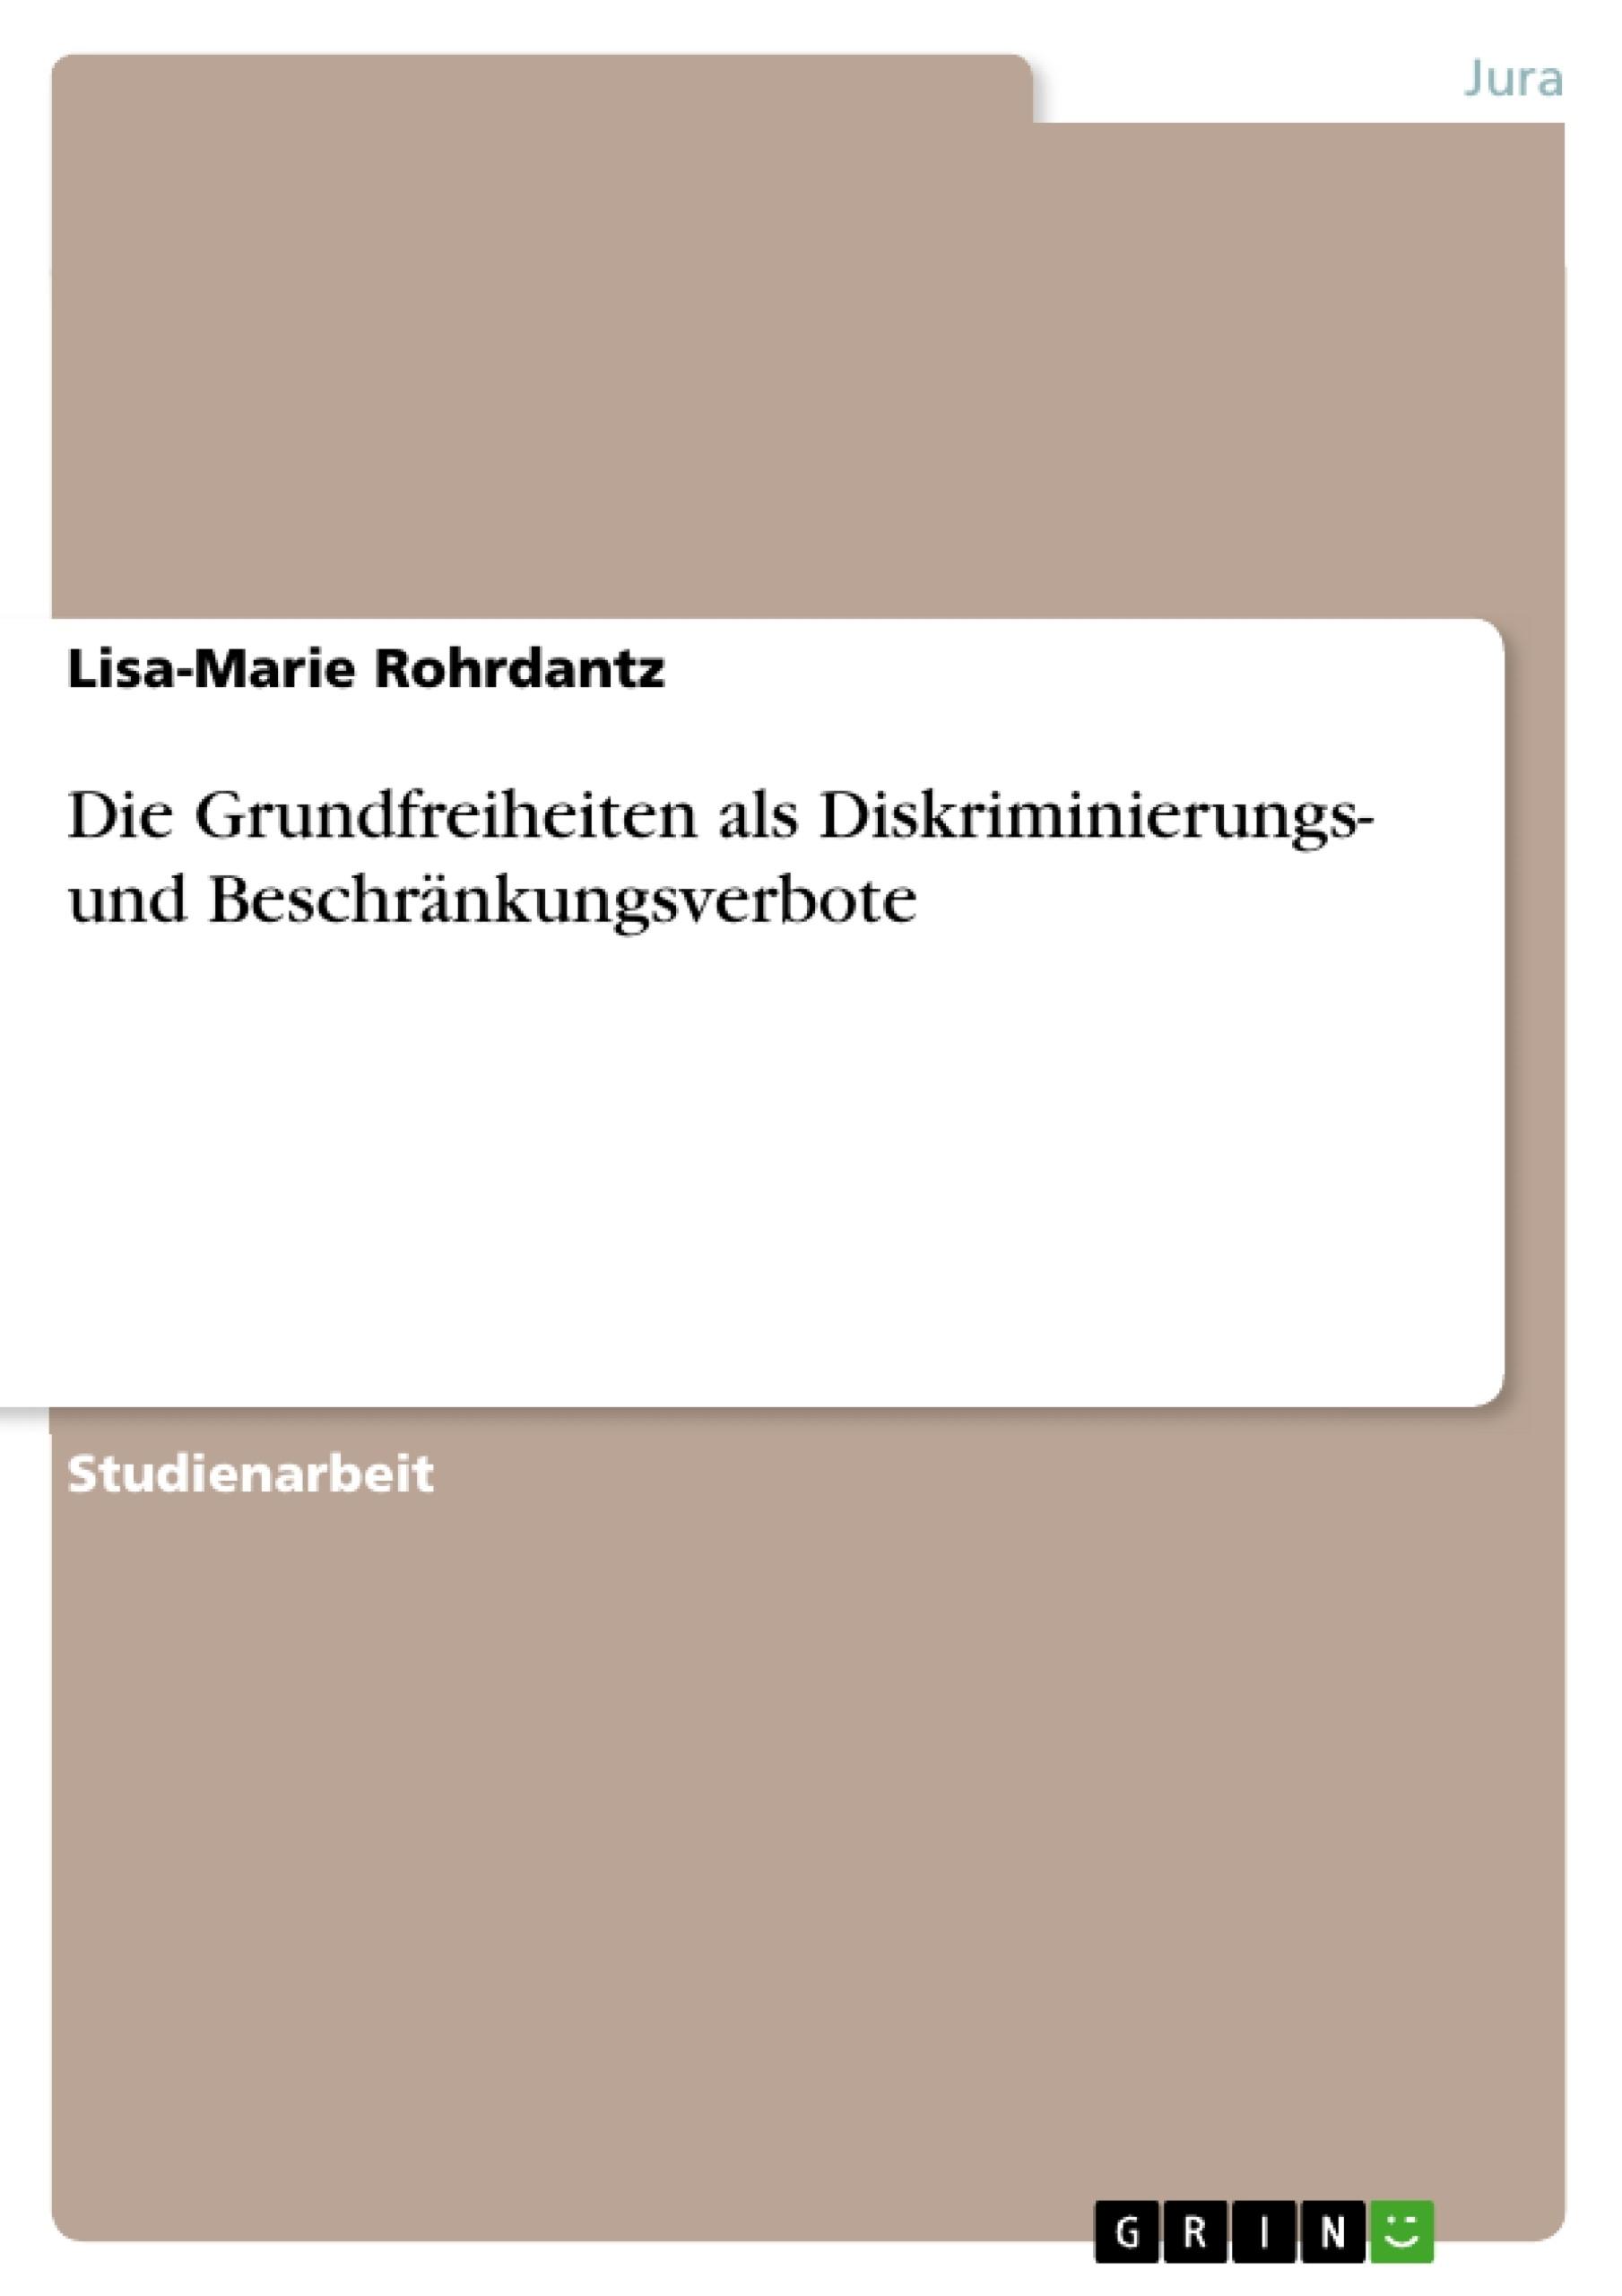 Titel: Die Grundfreiheiten als Diskriminierungs- und Beschränkungsverbote